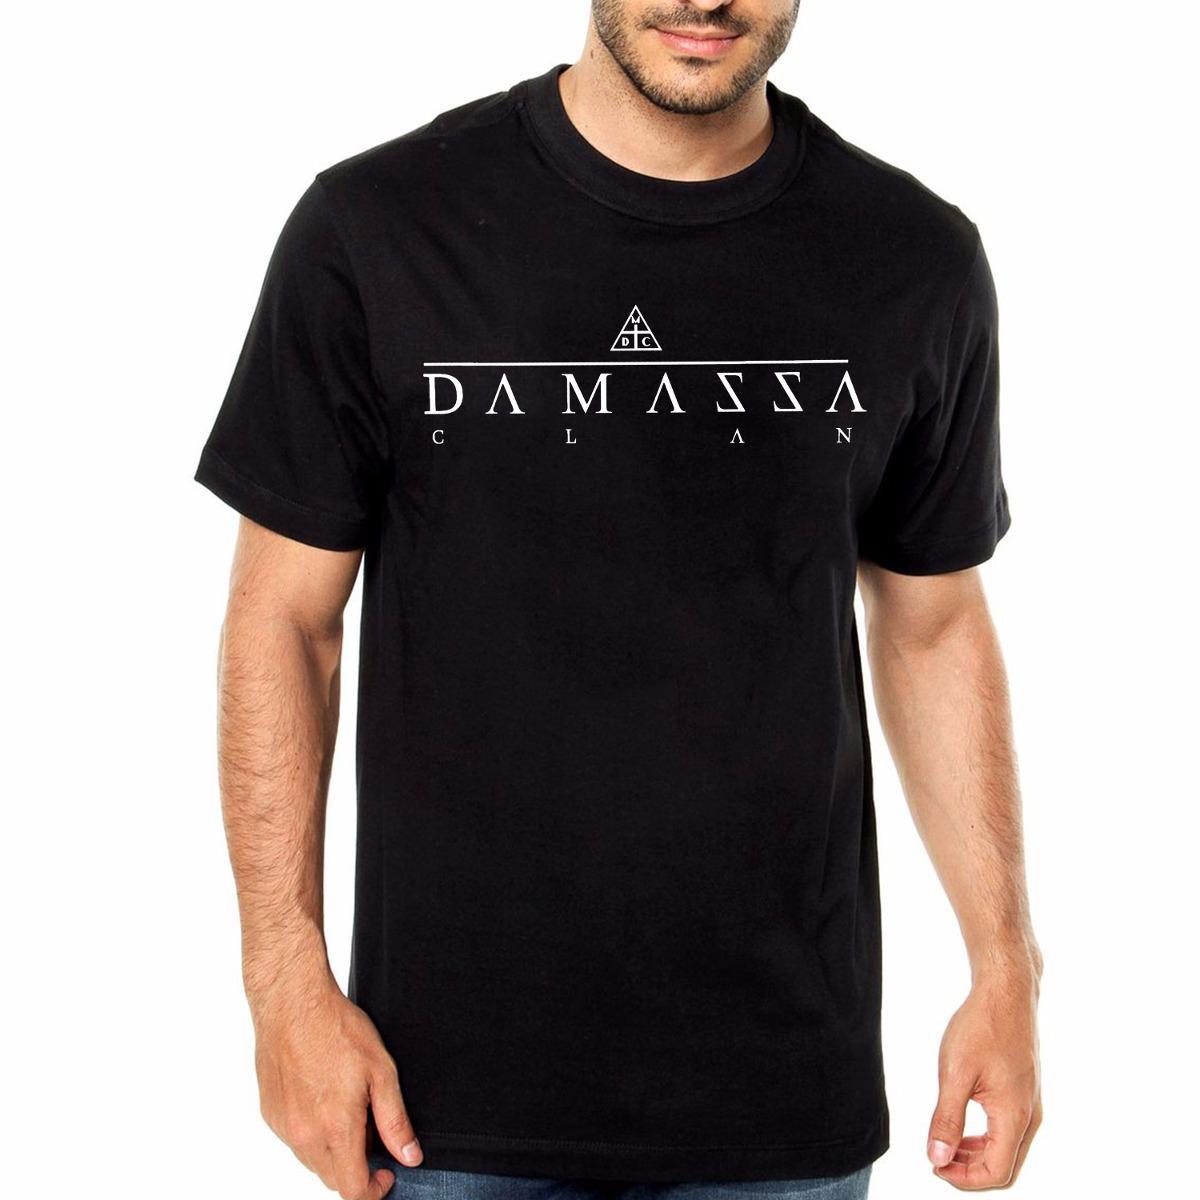 Camisa Camiseta Damassaclan Swag Dmc Rap Skate - R  39 1546f602b8a